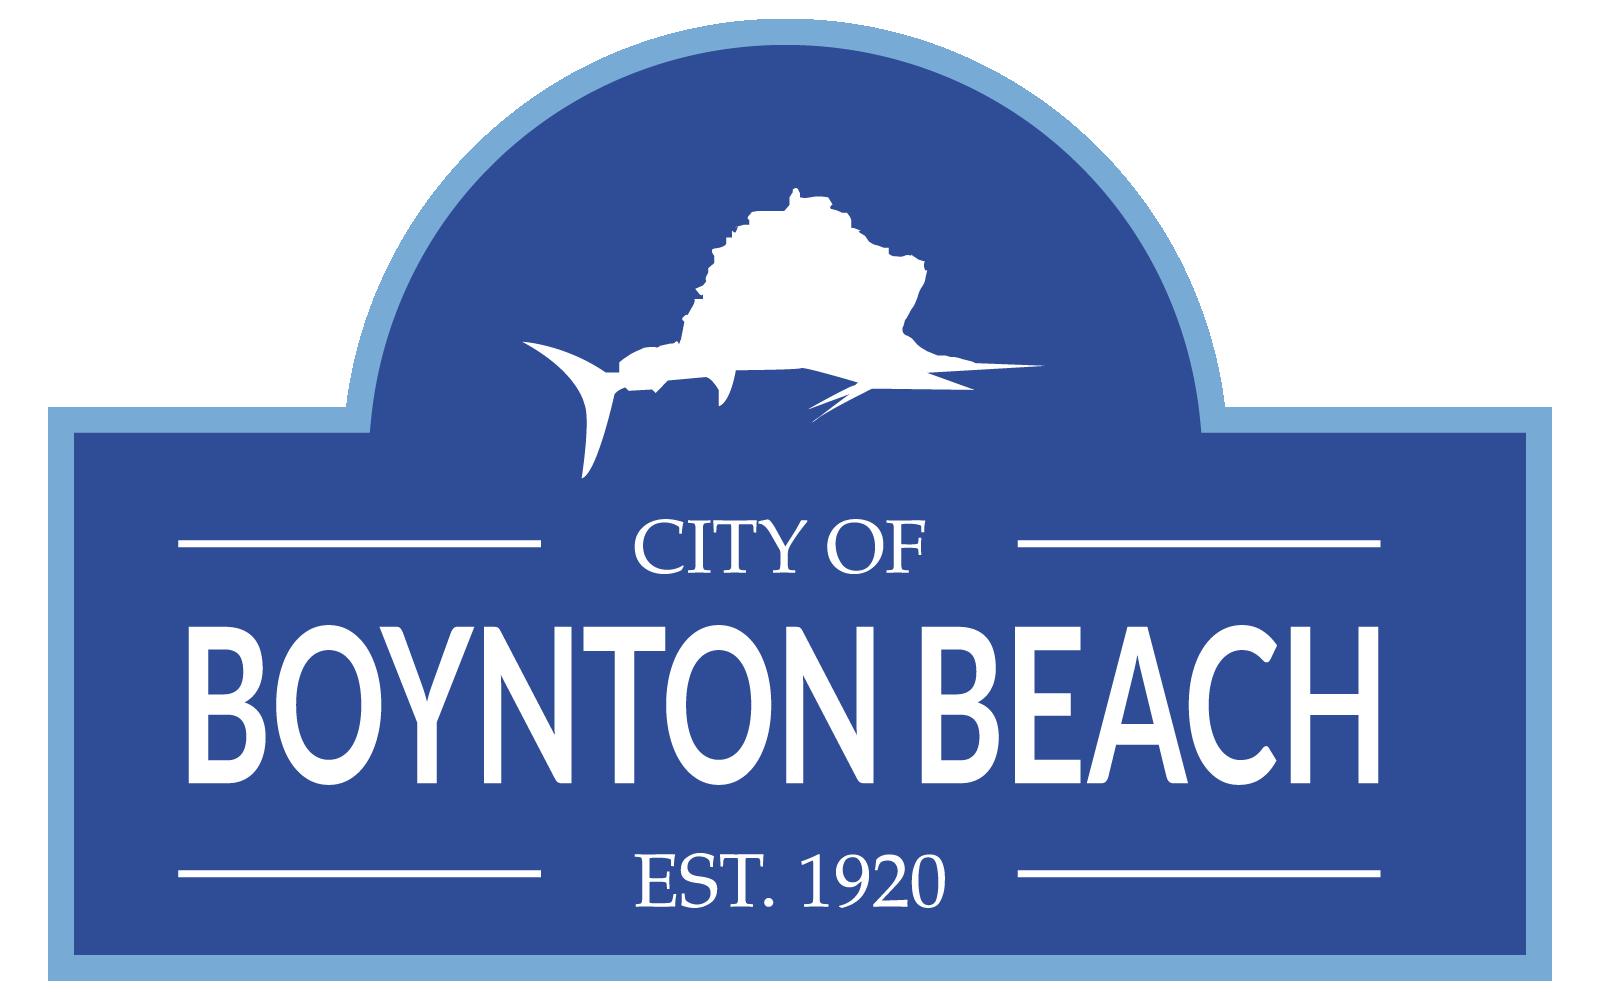 City Of Boynton Beach Est. 1920 Logo